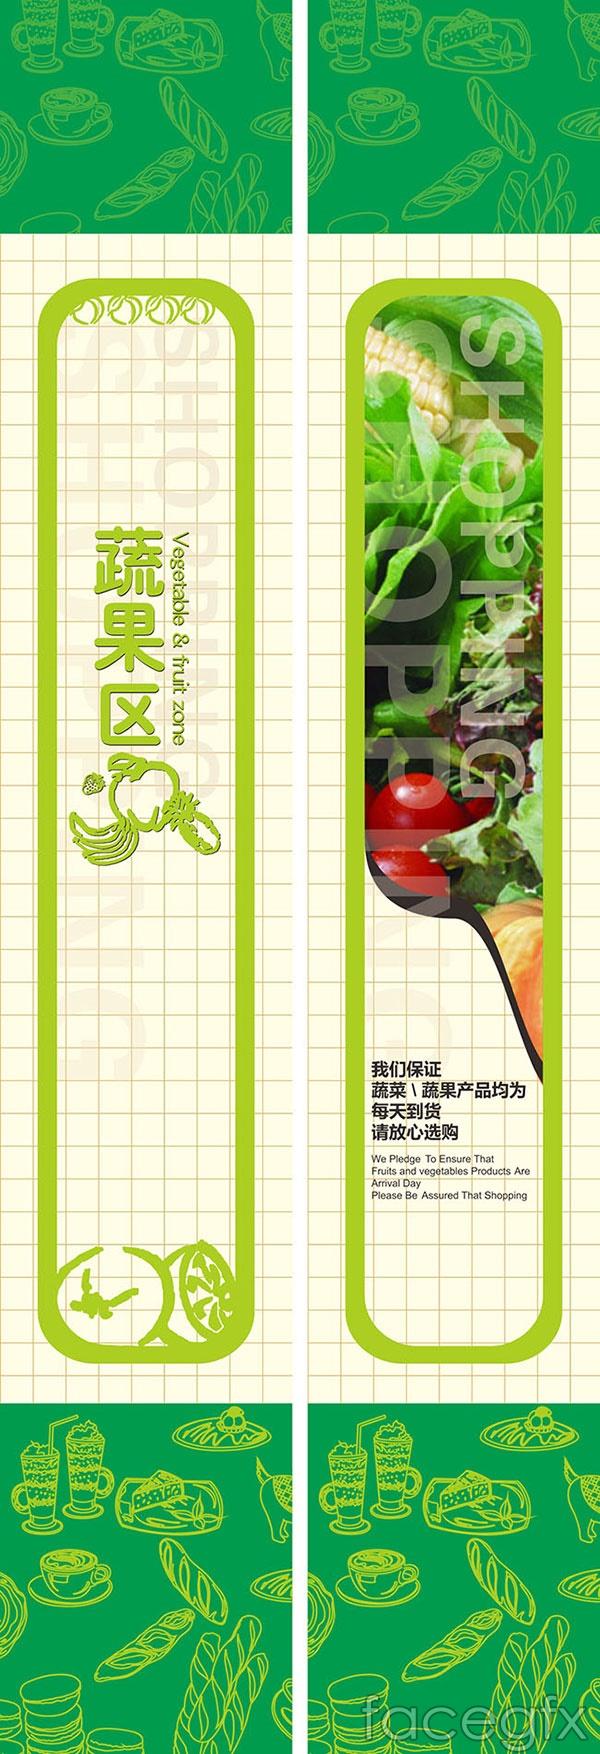 Supermarket category area of Bao Zhu vector